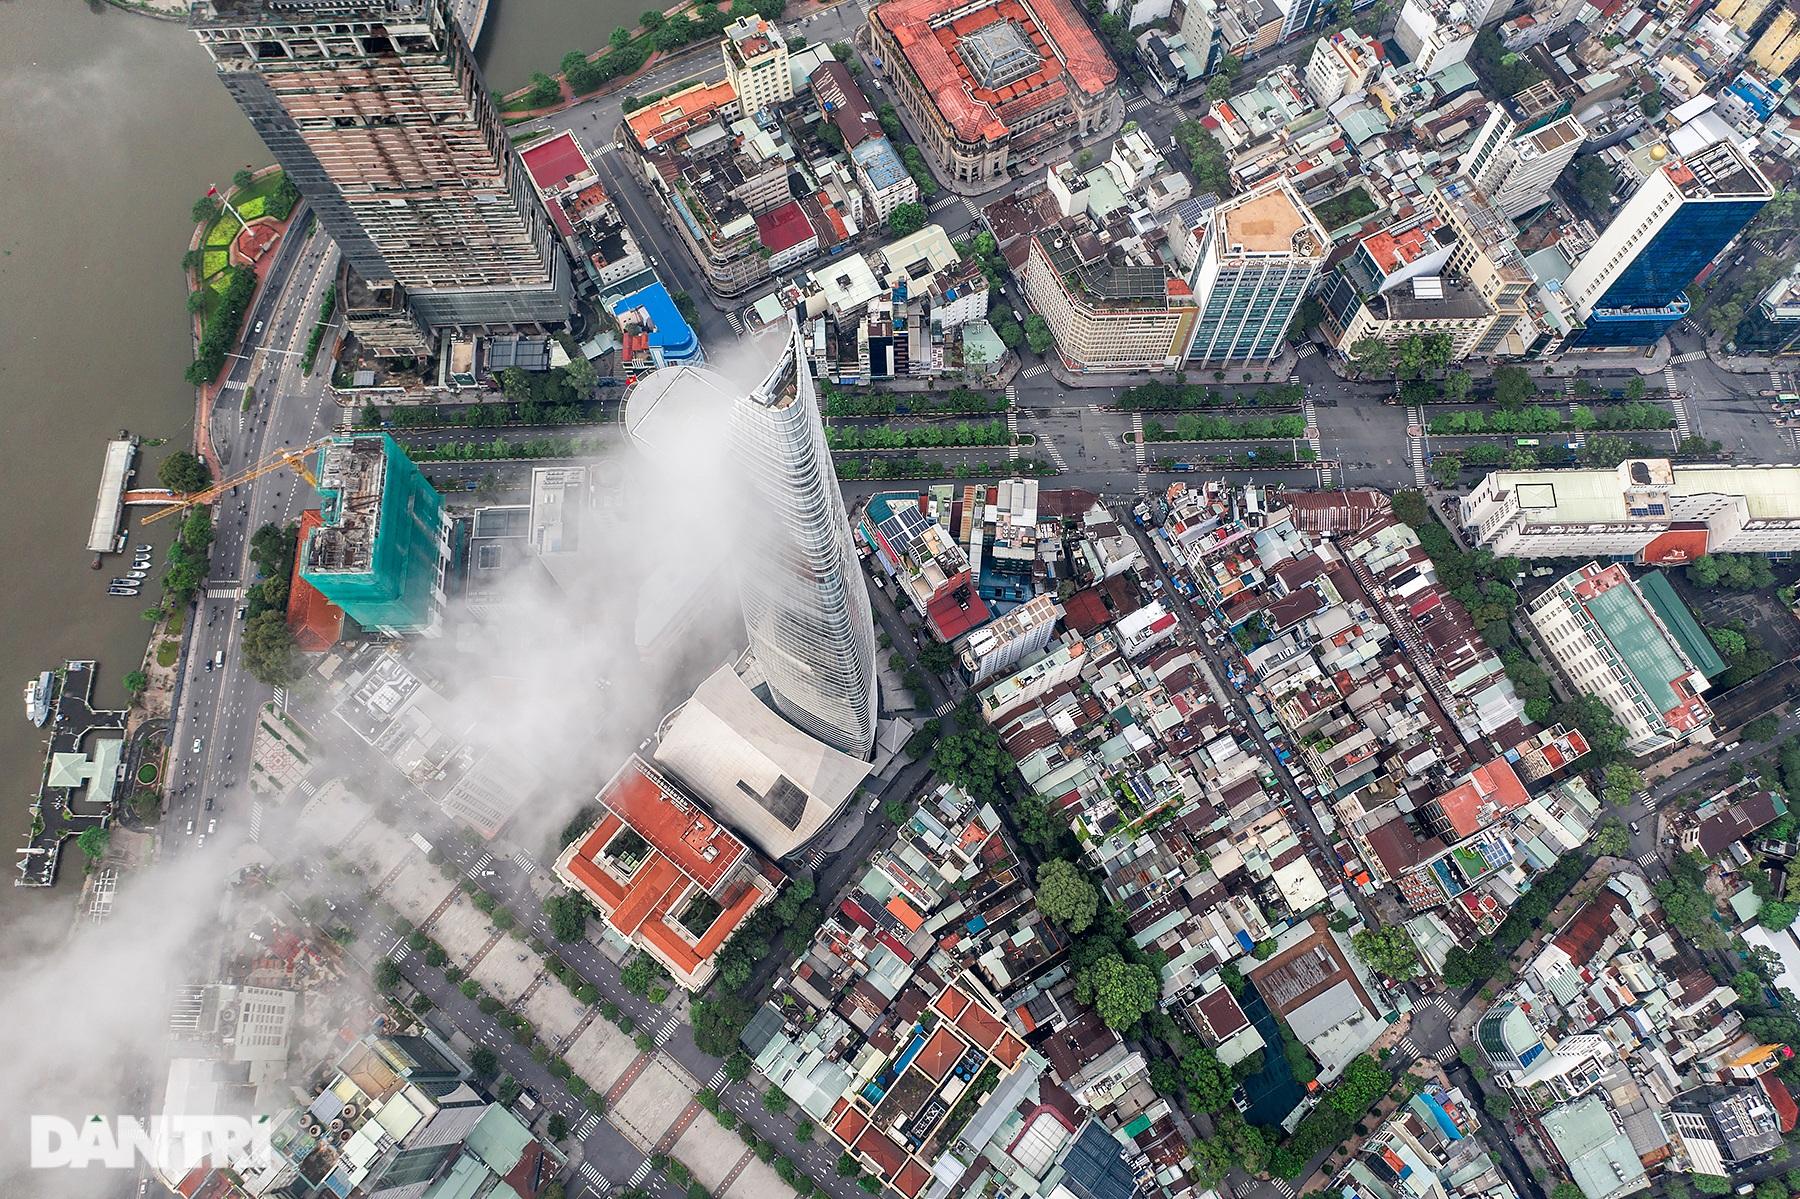 Thành phố Hồ Chí Minh - Vẻ đẹp của một Siêu đô thị hiện đại - 5